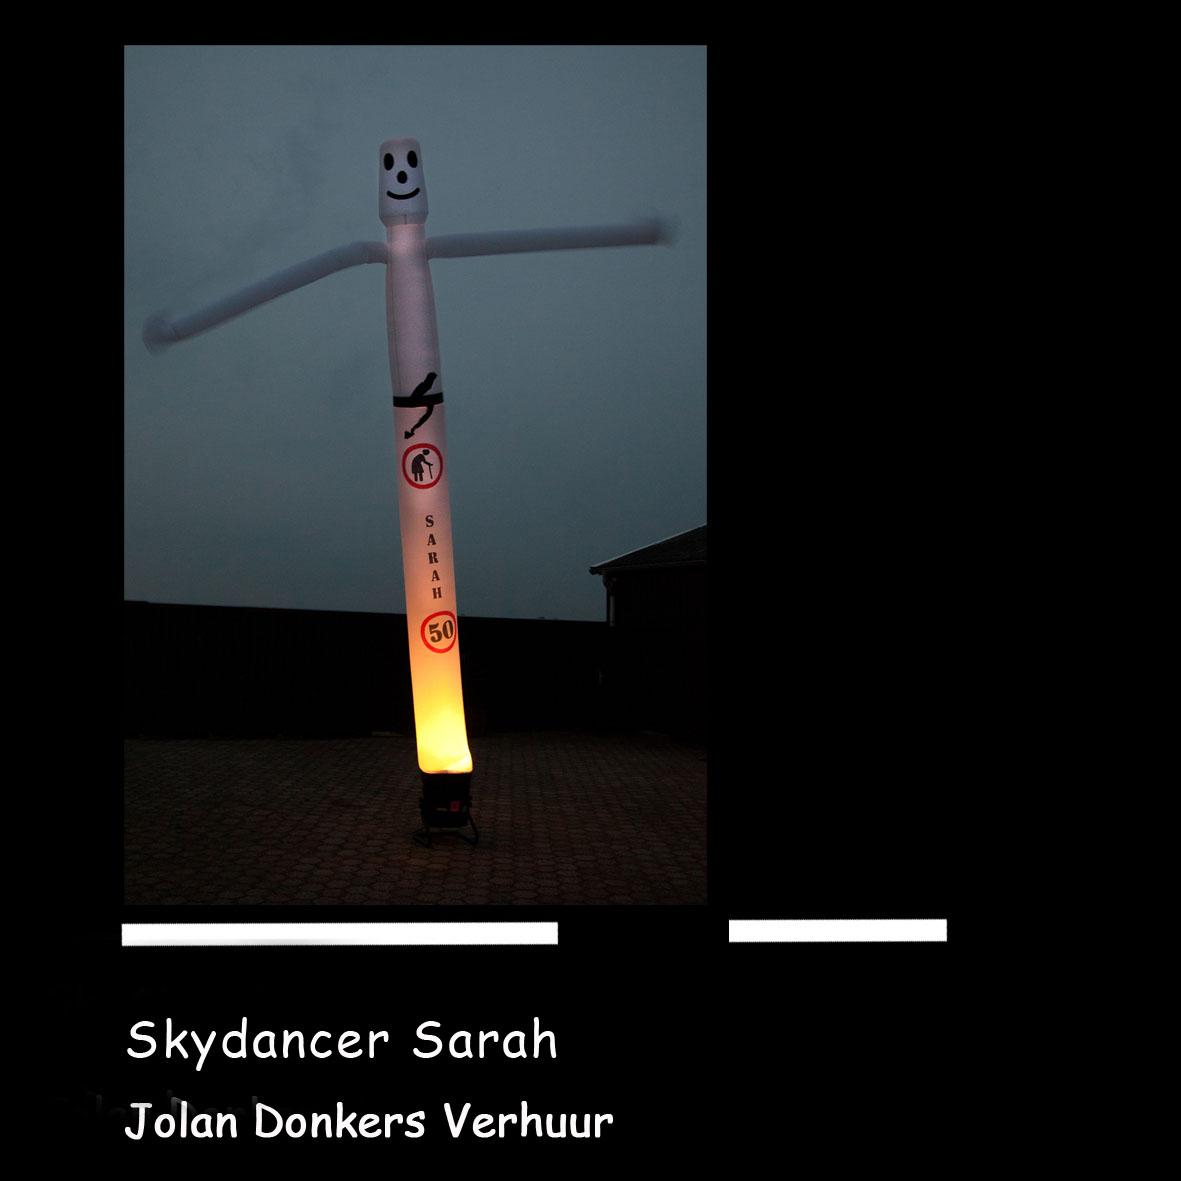 skytube sarah 4